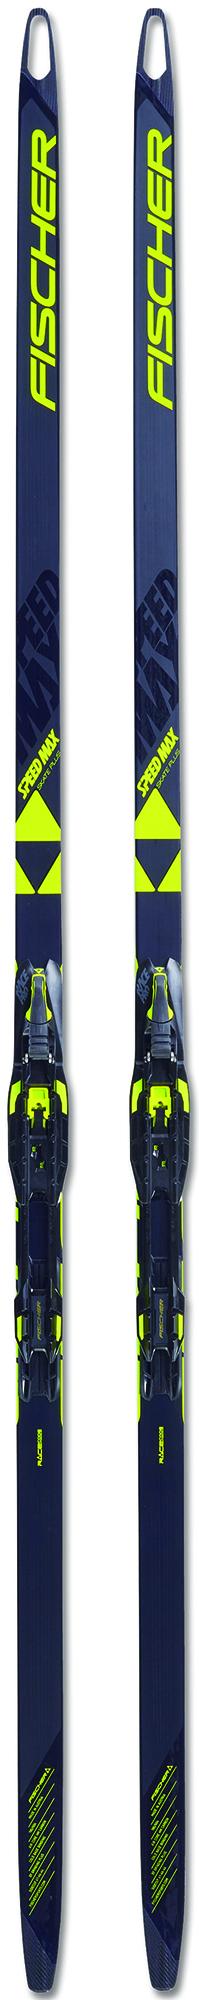 Fischer Беговые лыжи Fischer Speedmax Sk Plus Med Hole IFP лыжи беговые tisa top universal с креплением цвет желтый белый черный рост 182 см